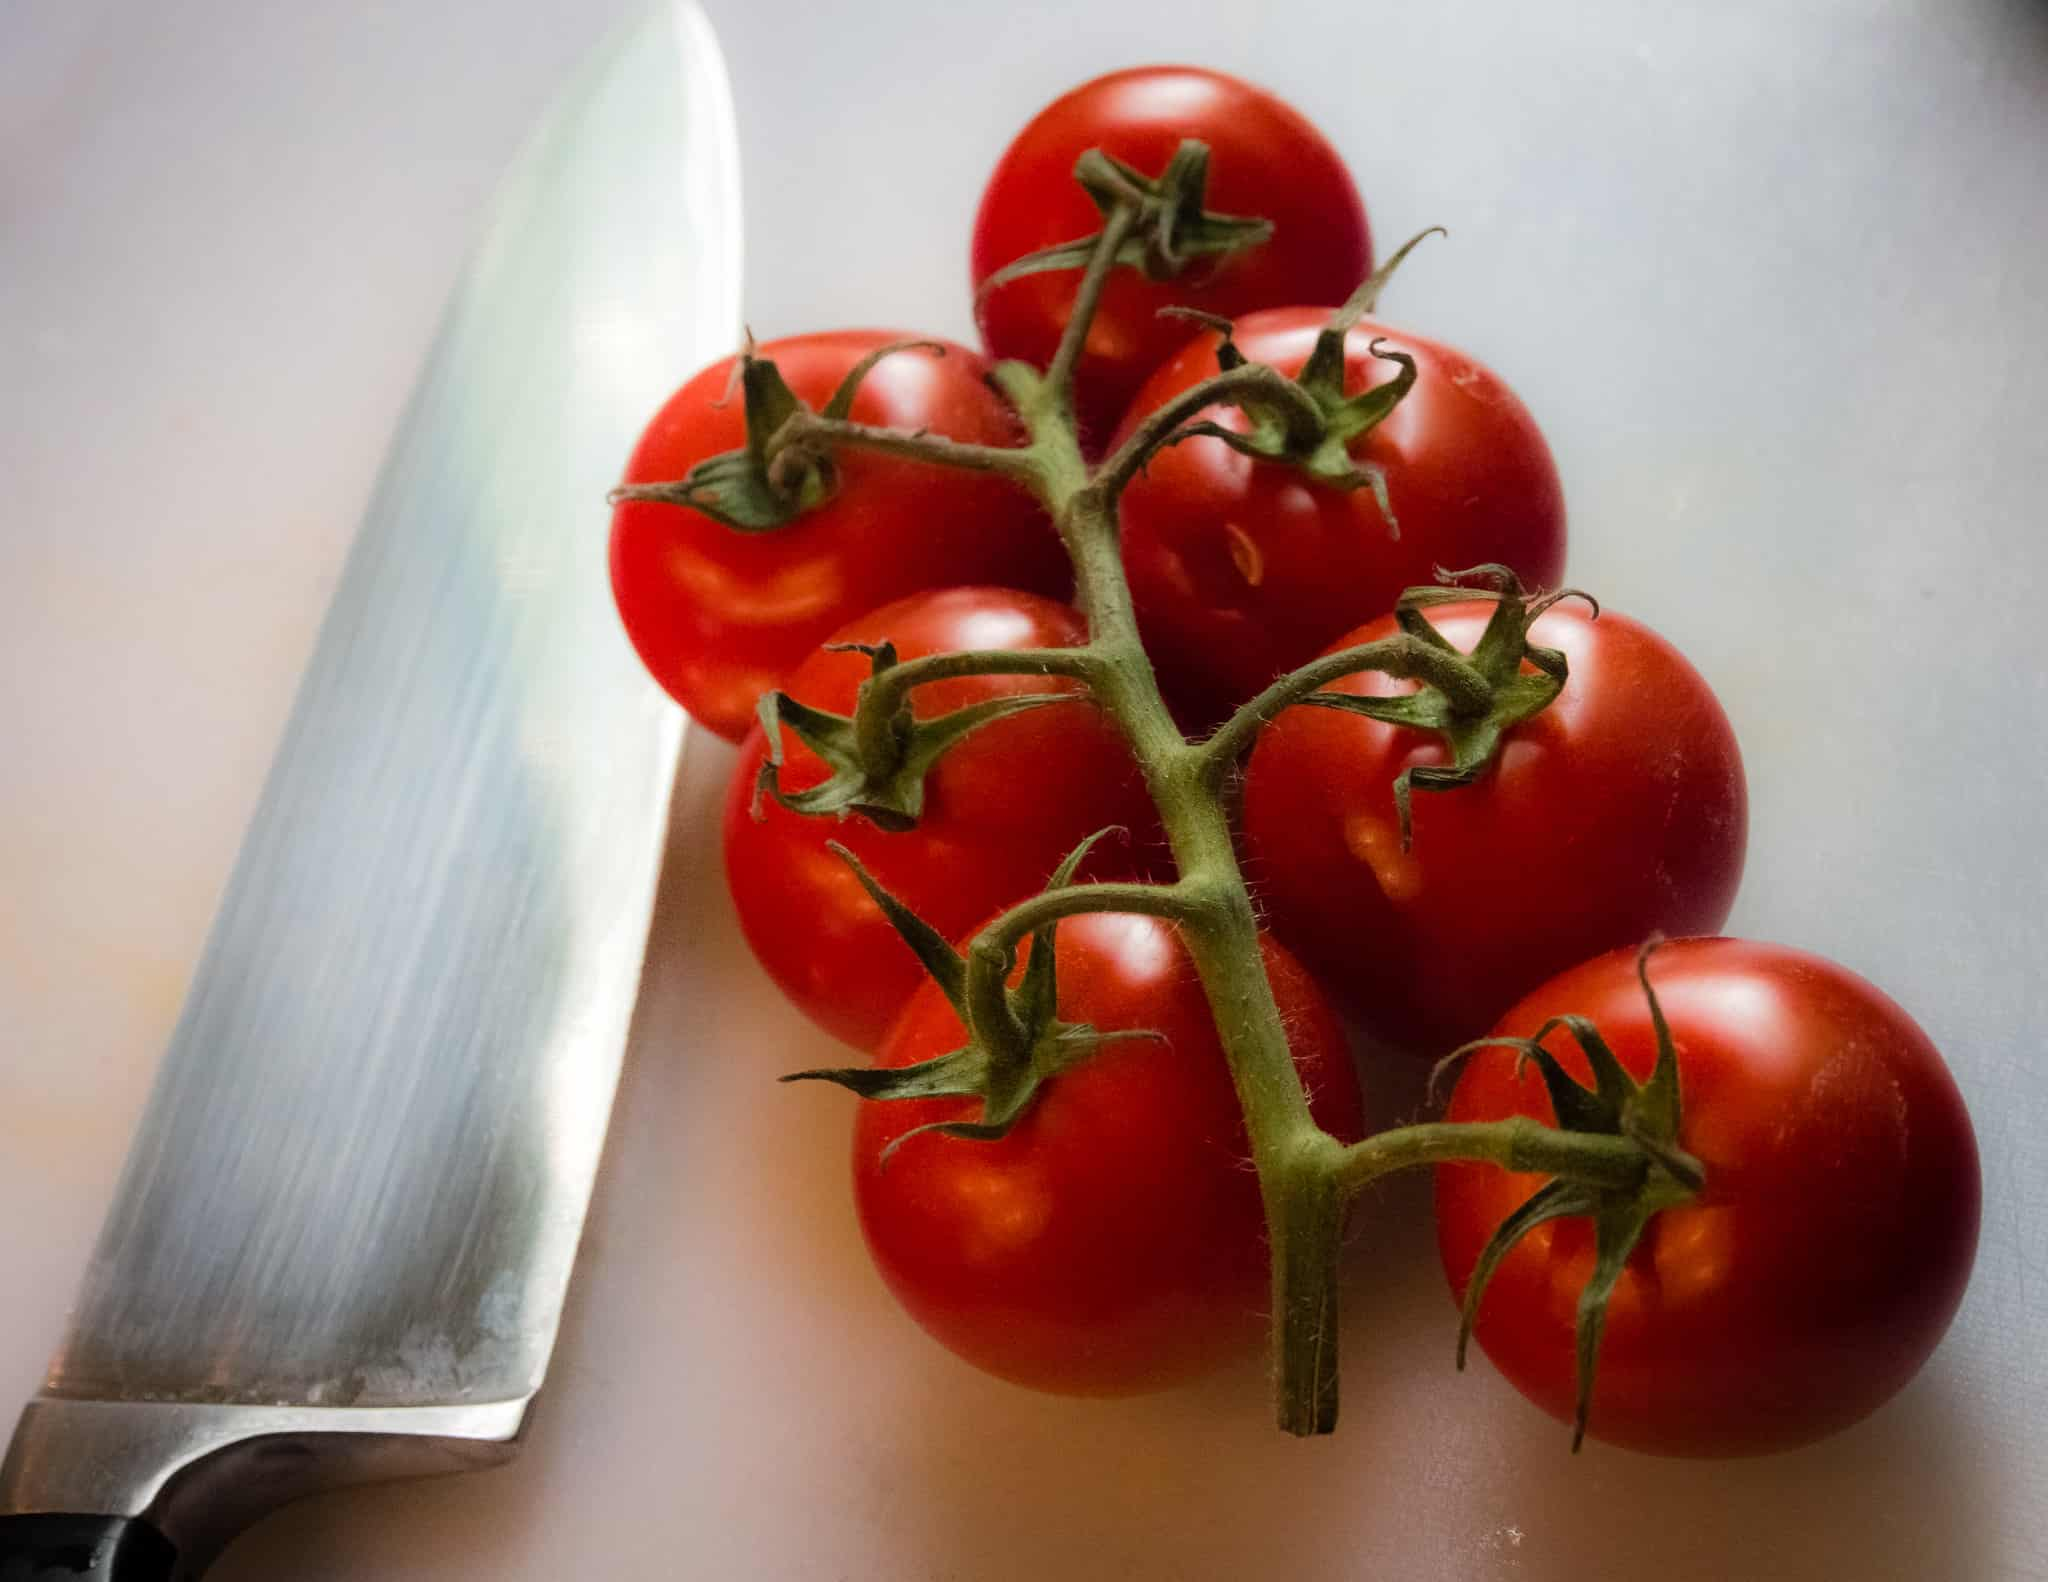 Tomatenmesser: Test & Empfehlungen (02/20)